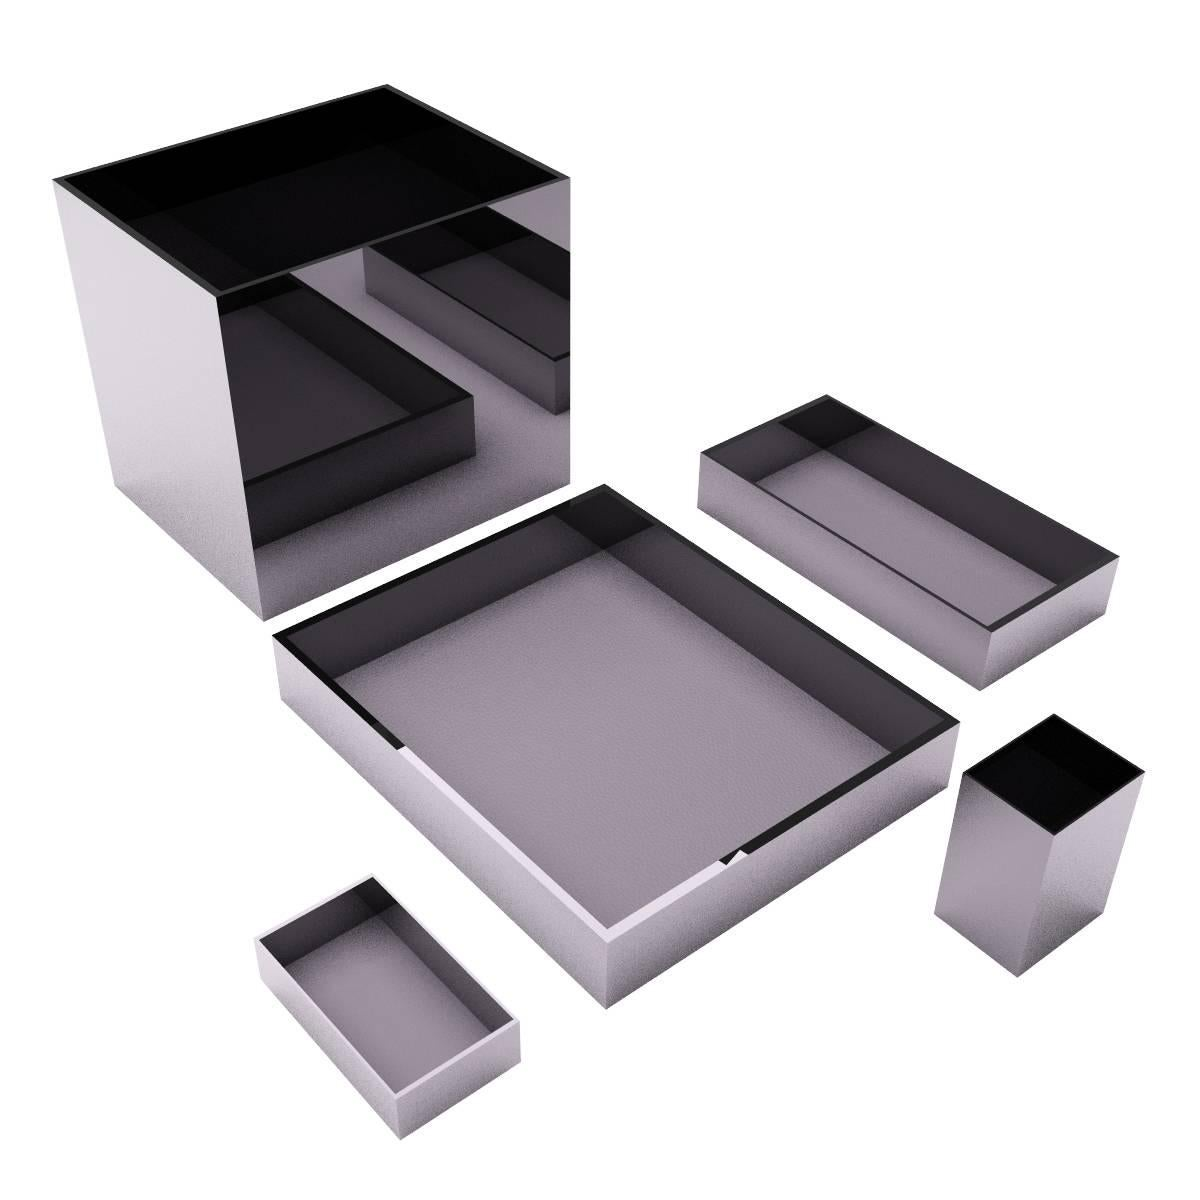 Moderne Luxus Burozubehor Set Inkl Ablagen Bleistift Alter